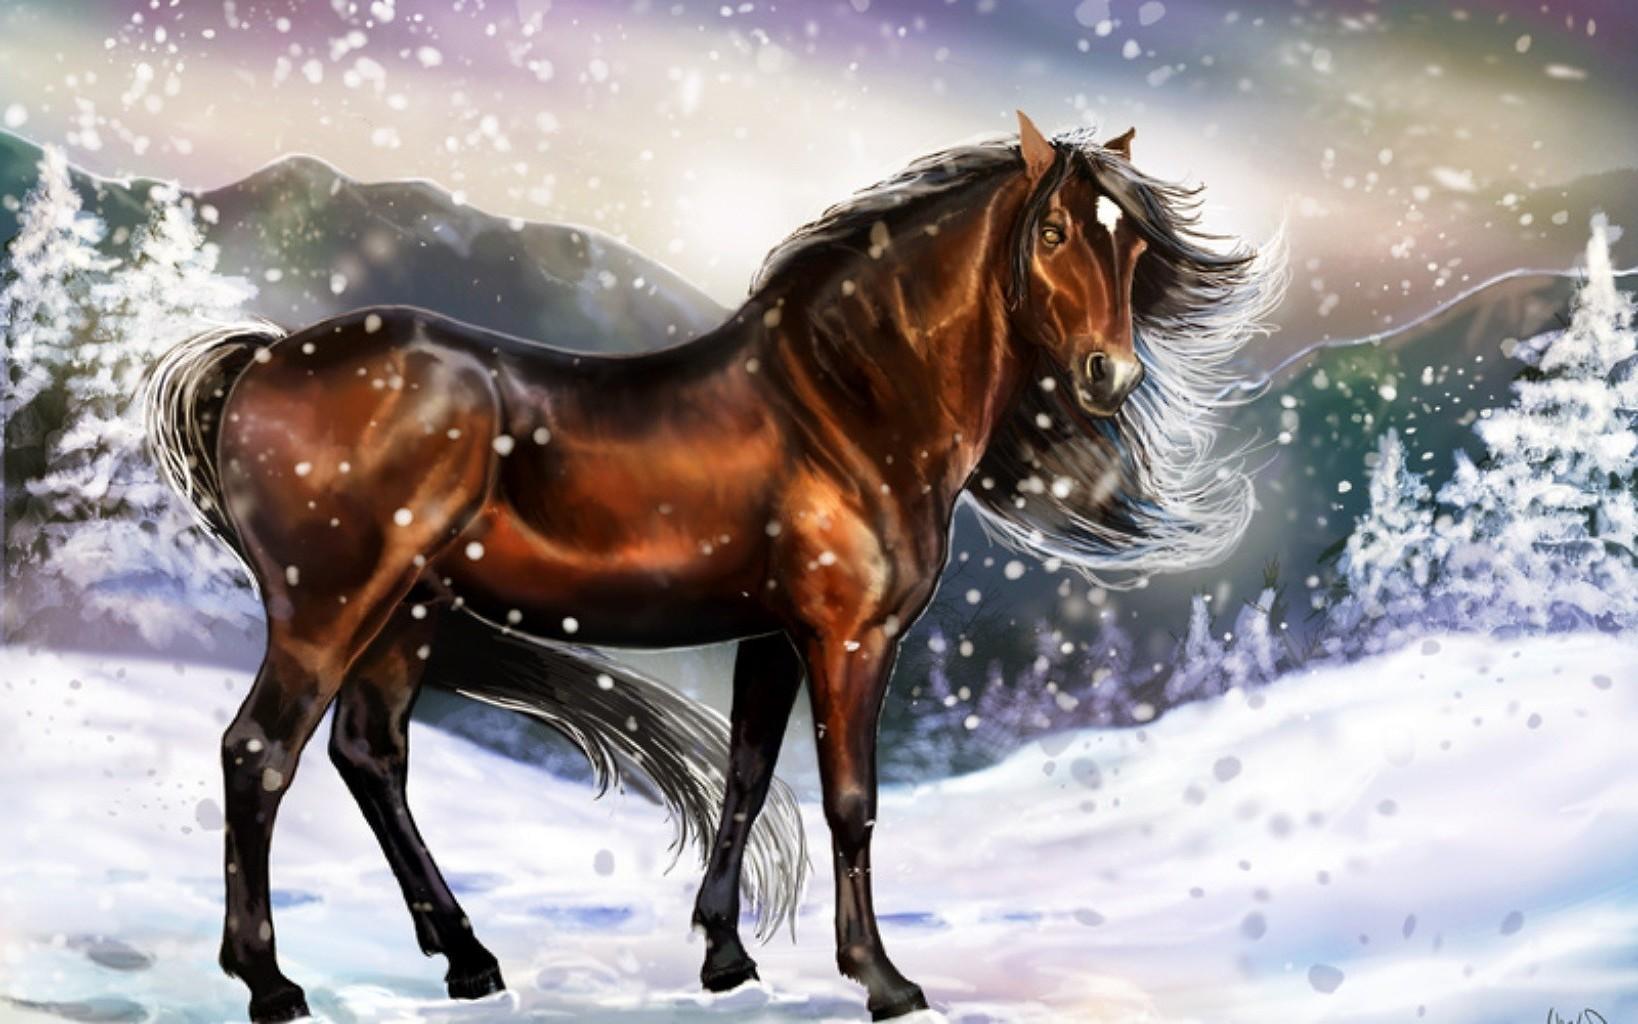 год лошади обои для рабочего стола № 528488 бесплатно